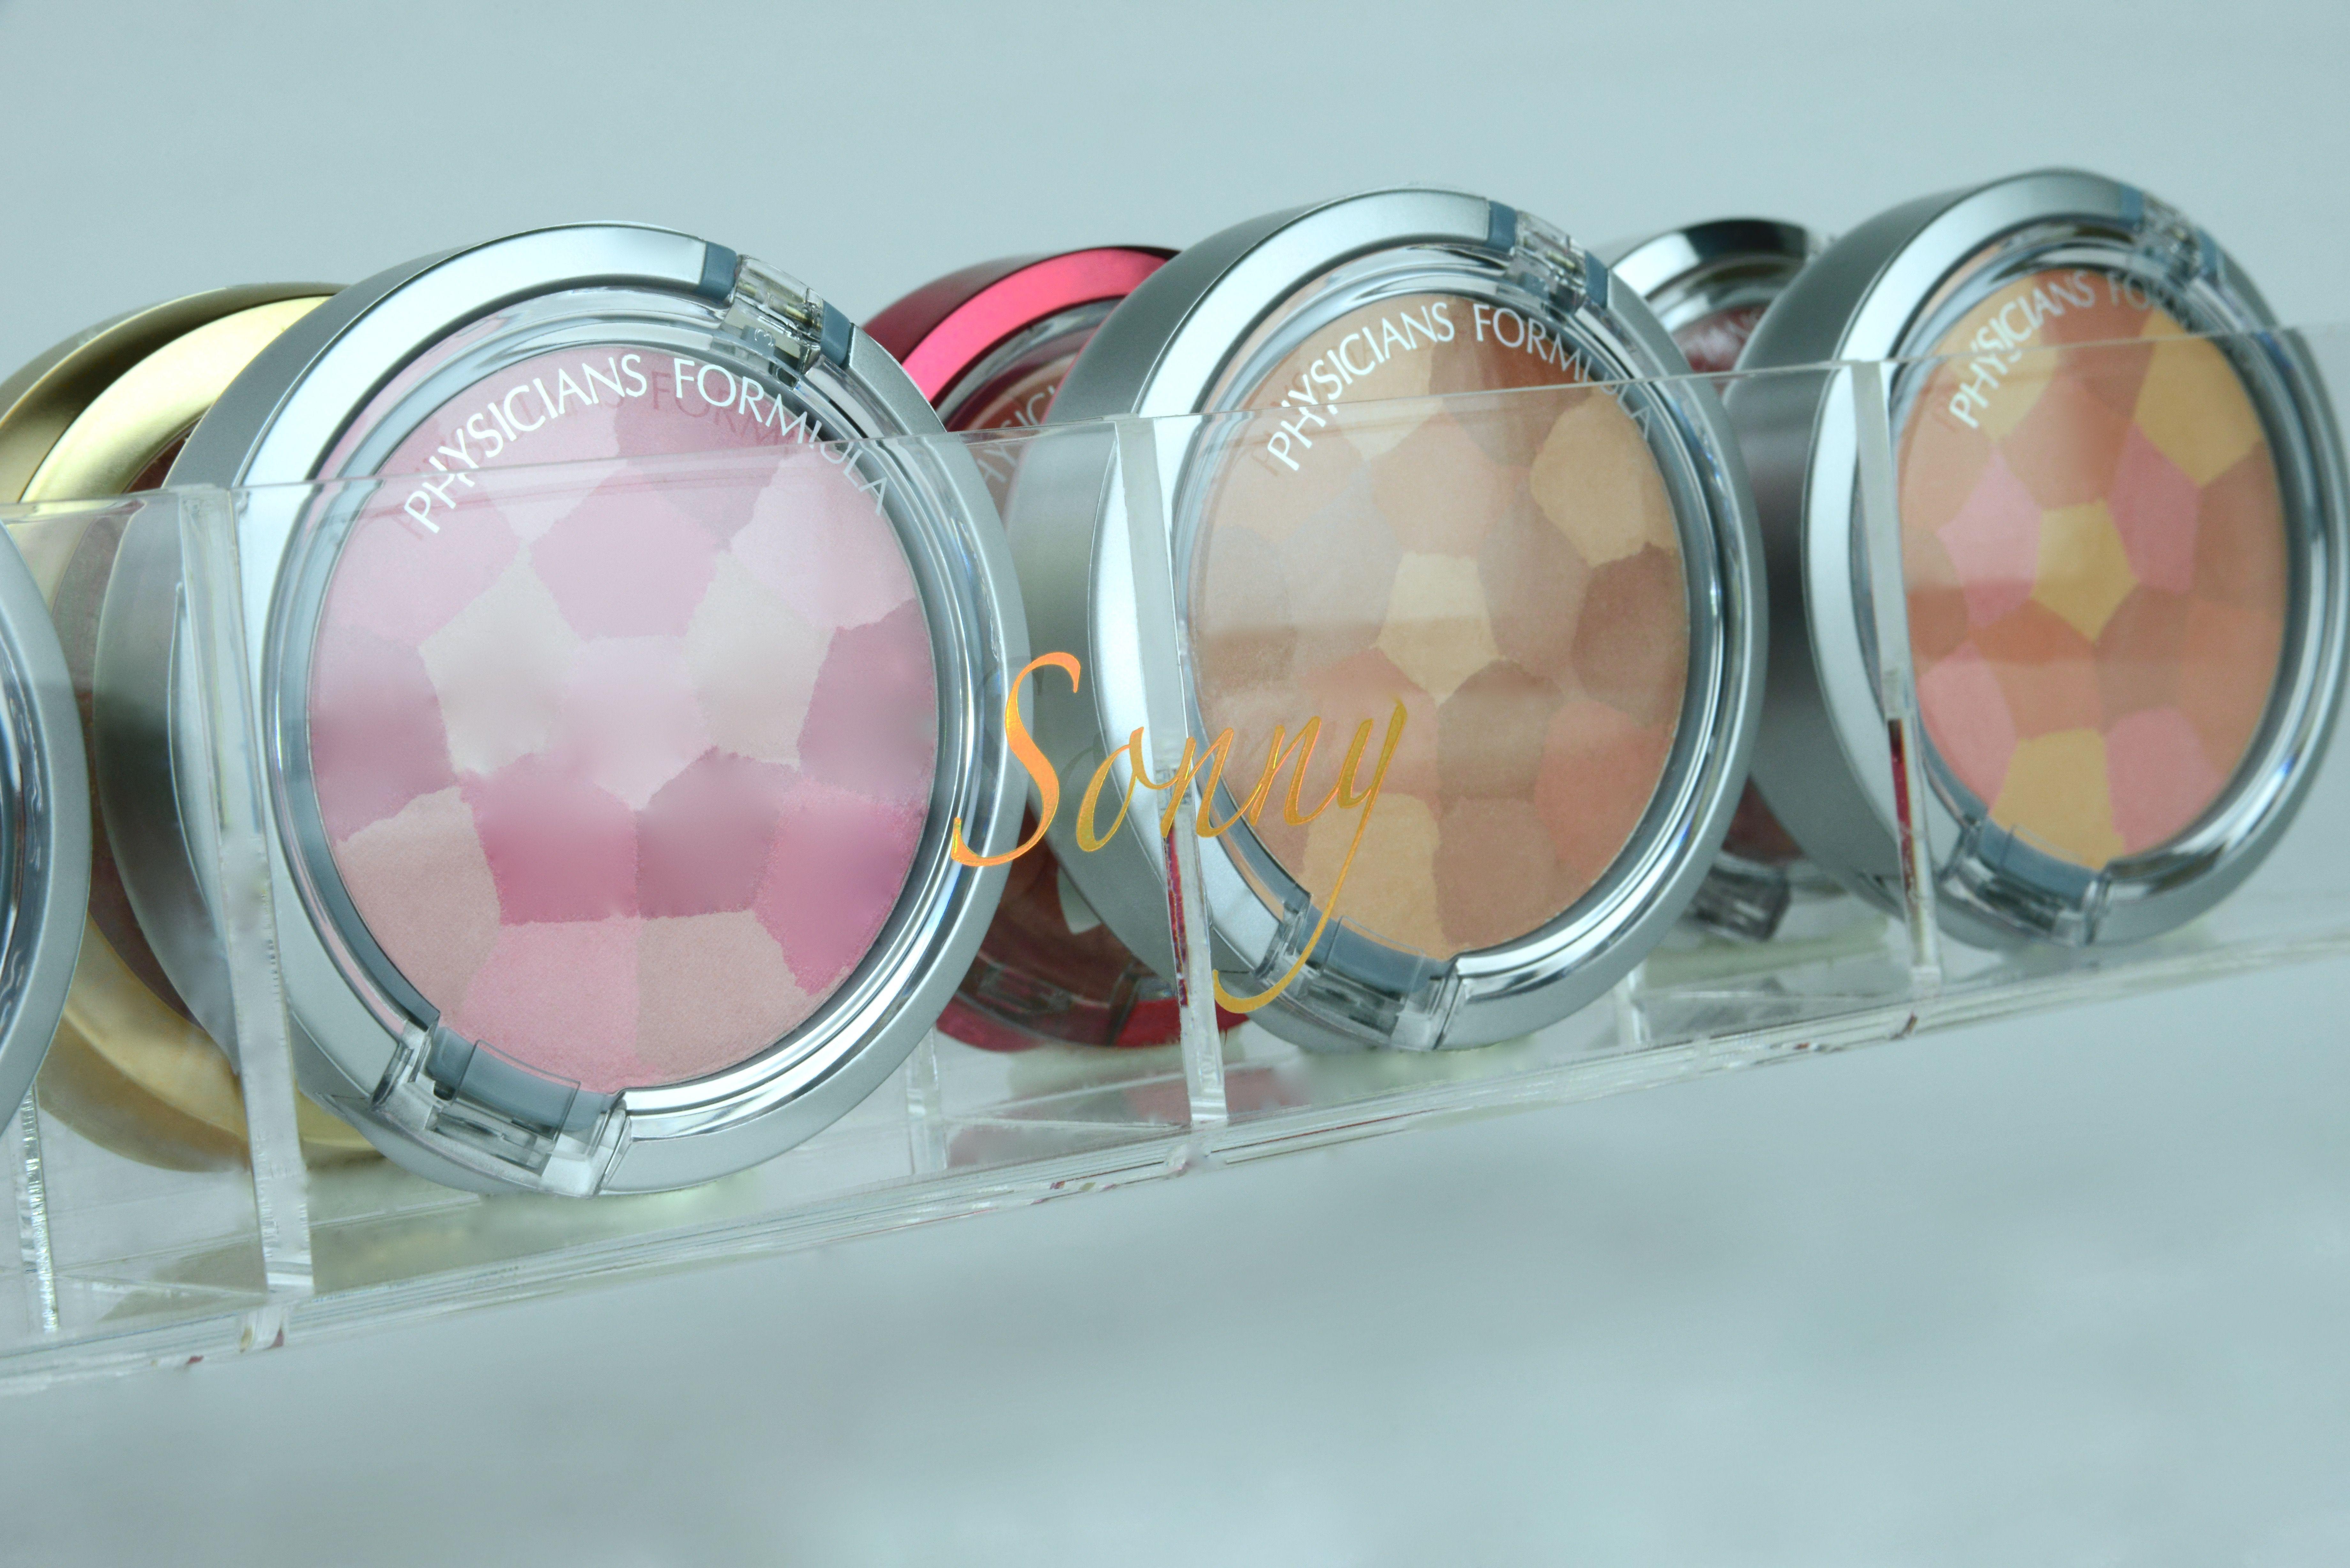 Alex™ 15 Halfsie Compact Organizer Makeup storage